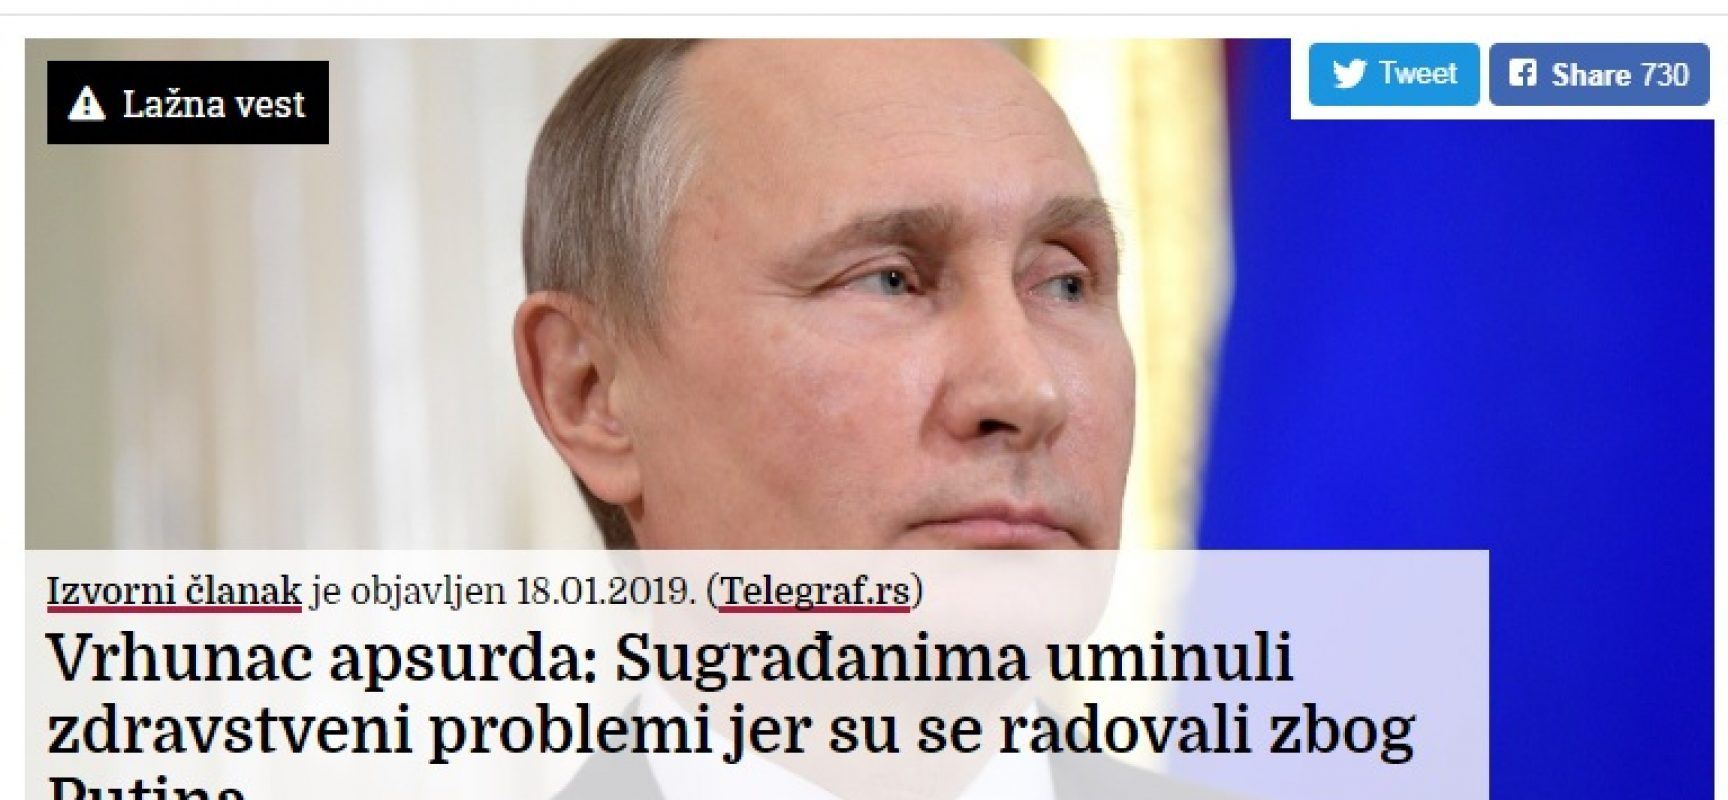 Vrhunac apsurda: Sugrađanima uminuli zdravstveni problemi jer su se radovali zbog Putina